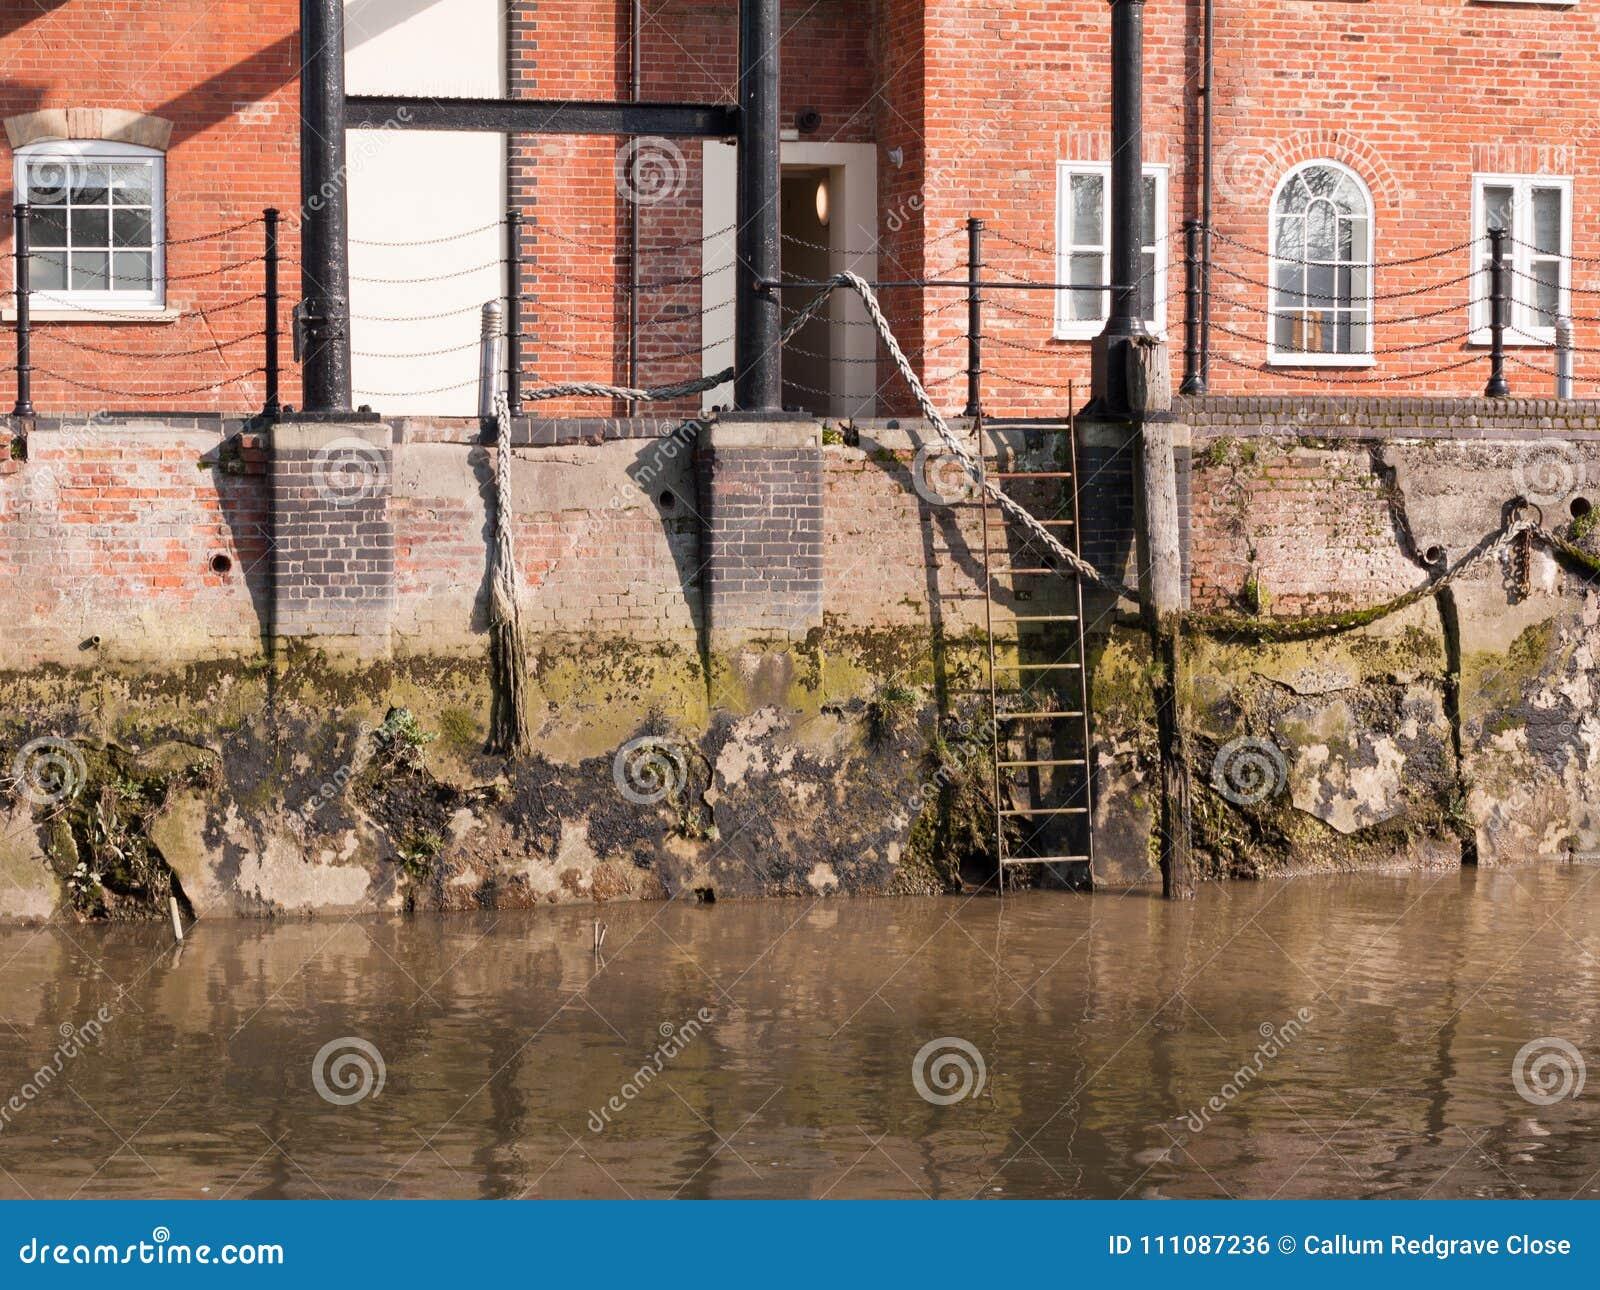 Leiter an der Seite von Fluss koppelt Szene außerhalb des Wassers kein Leute empt an